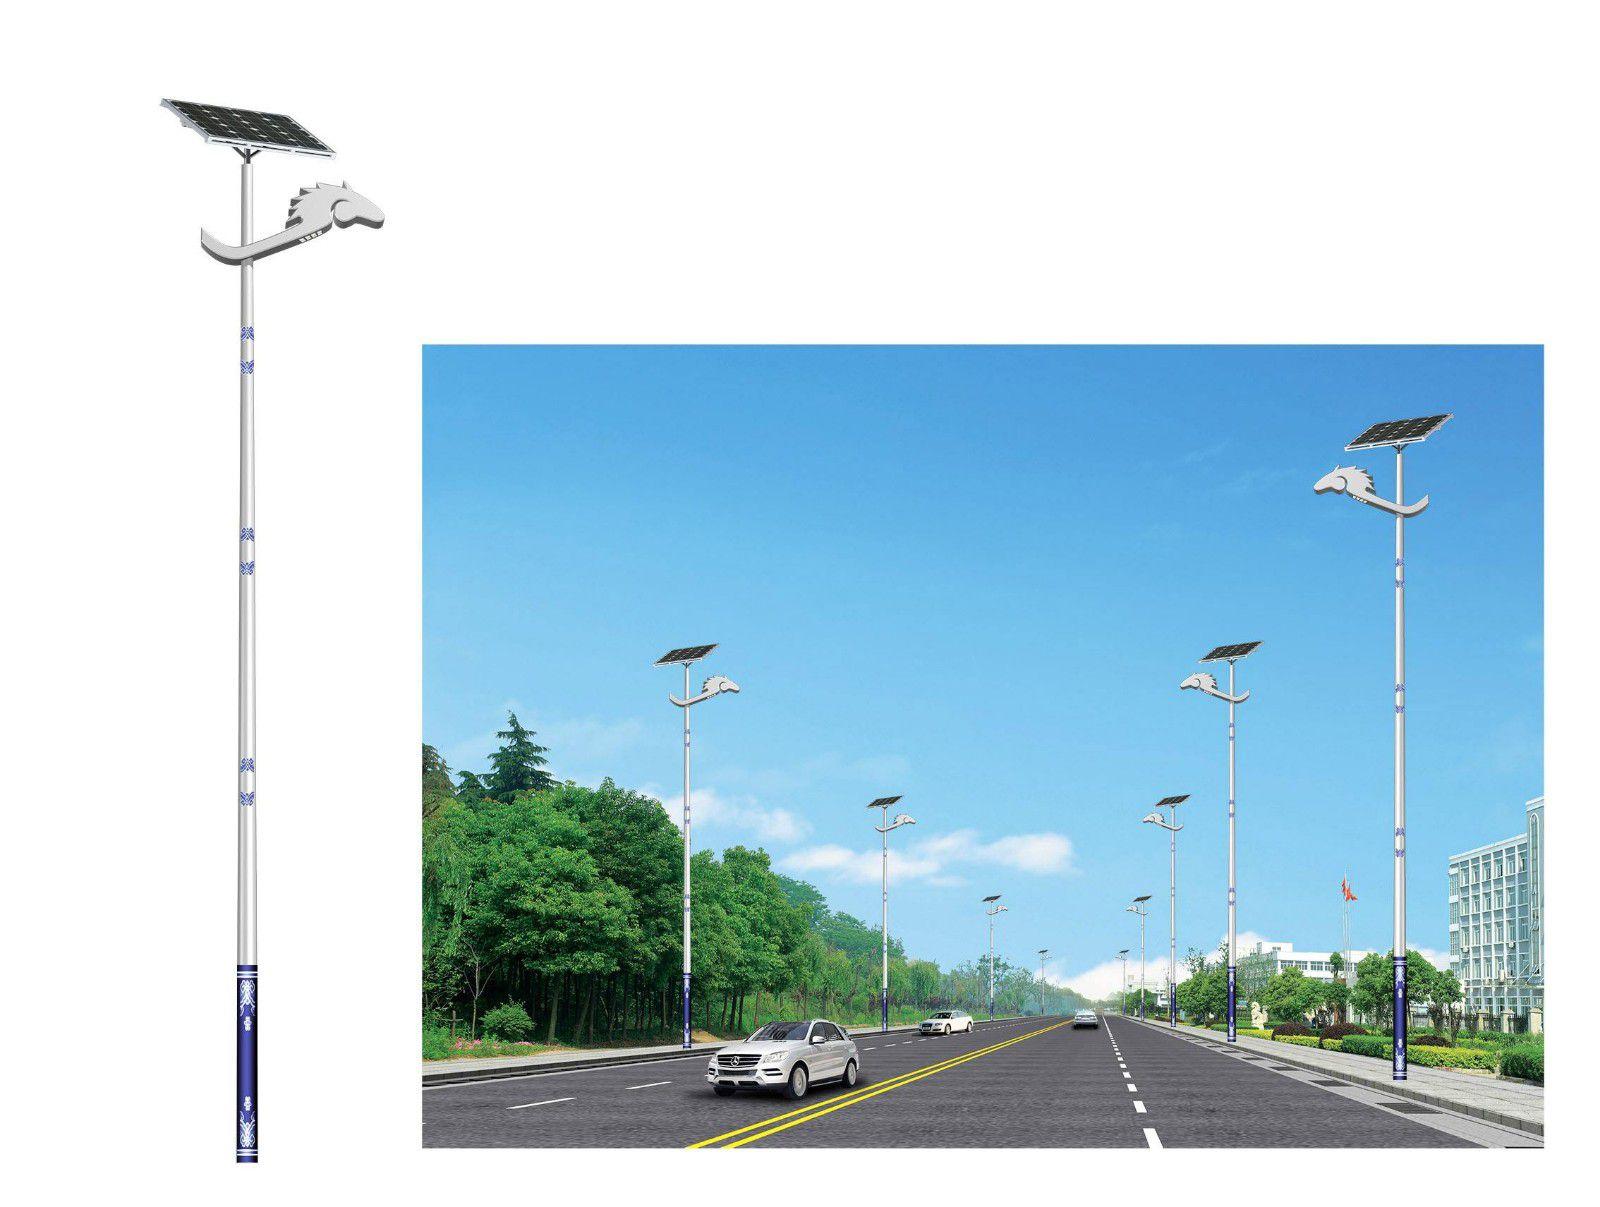 衡阳太阳能路灯生产企业产品参数